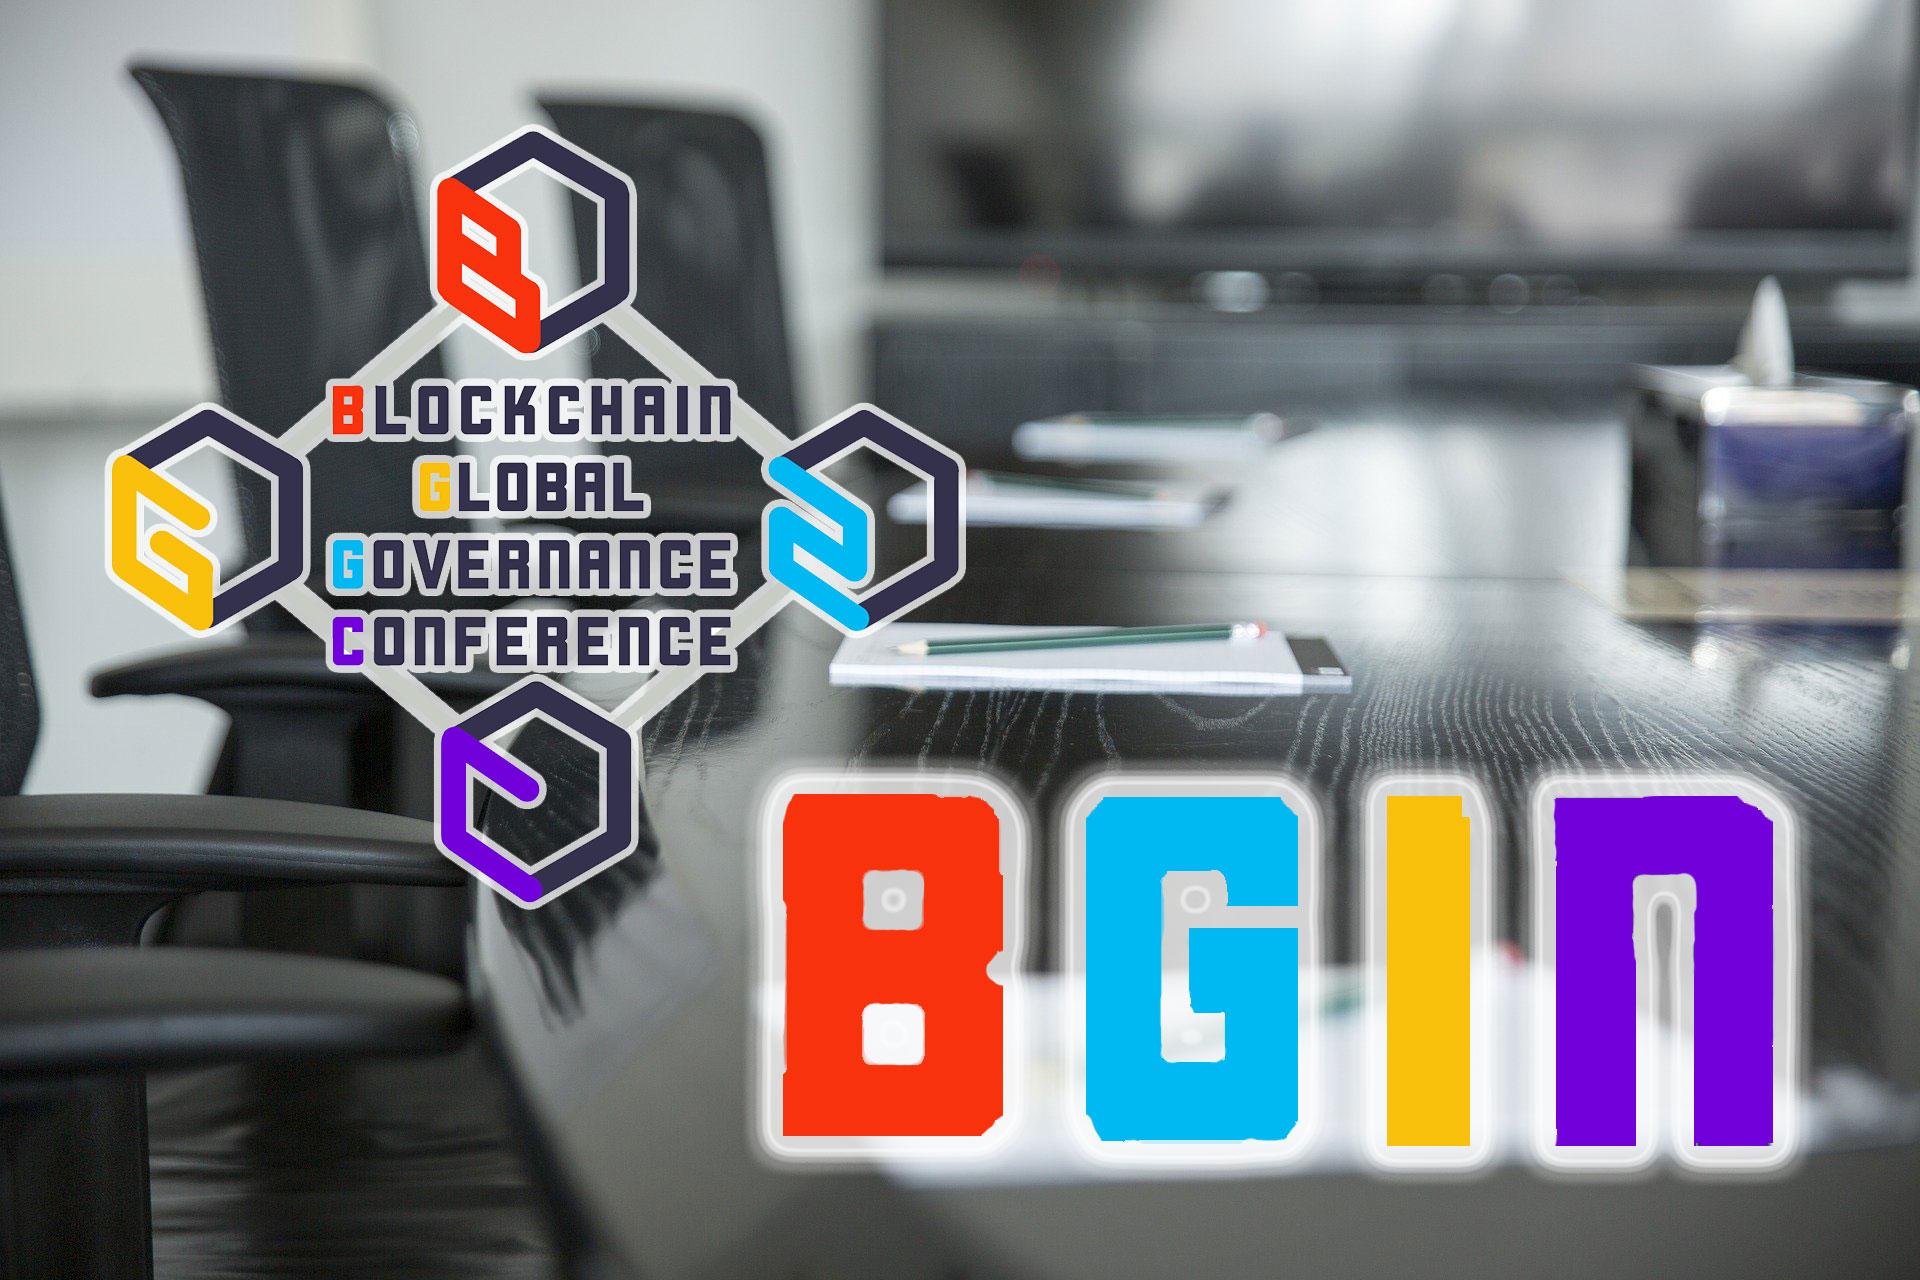 ブロックチェーンガバナンスに関する国際的ネットワーク「BGIN」発足